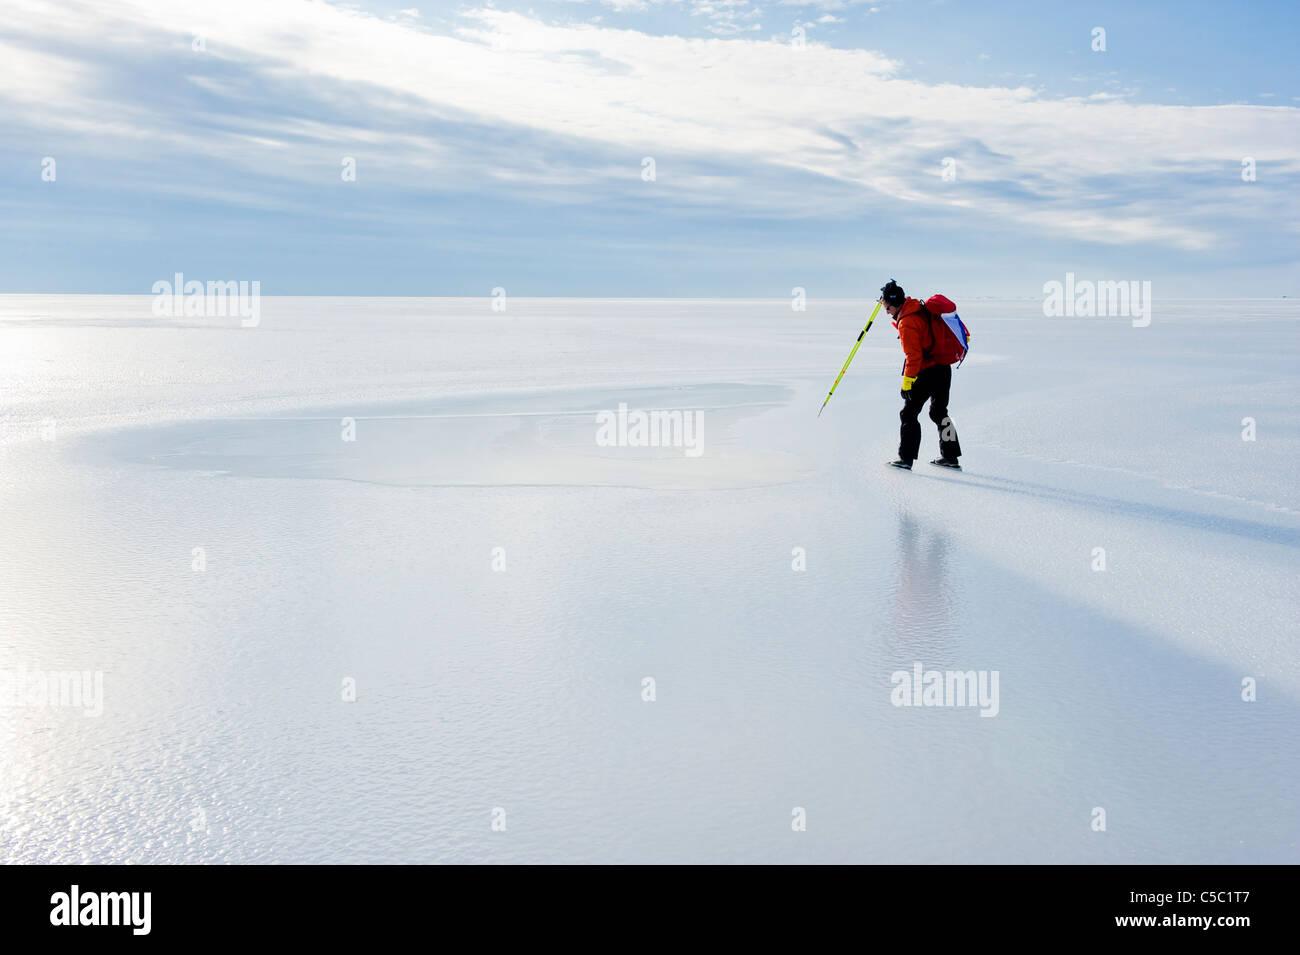 Vue latérale d'un patineur sur glace d'un lac paisible contre ciel nuageux Photo Stock